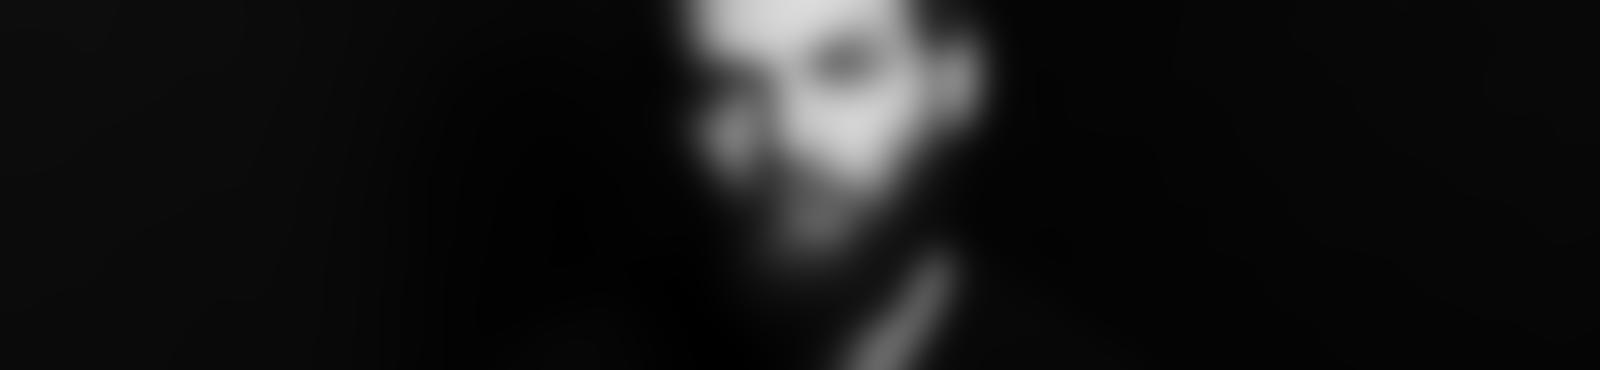 Blurred 34062899 64af 4f3c 98f4 9de36f6682ca